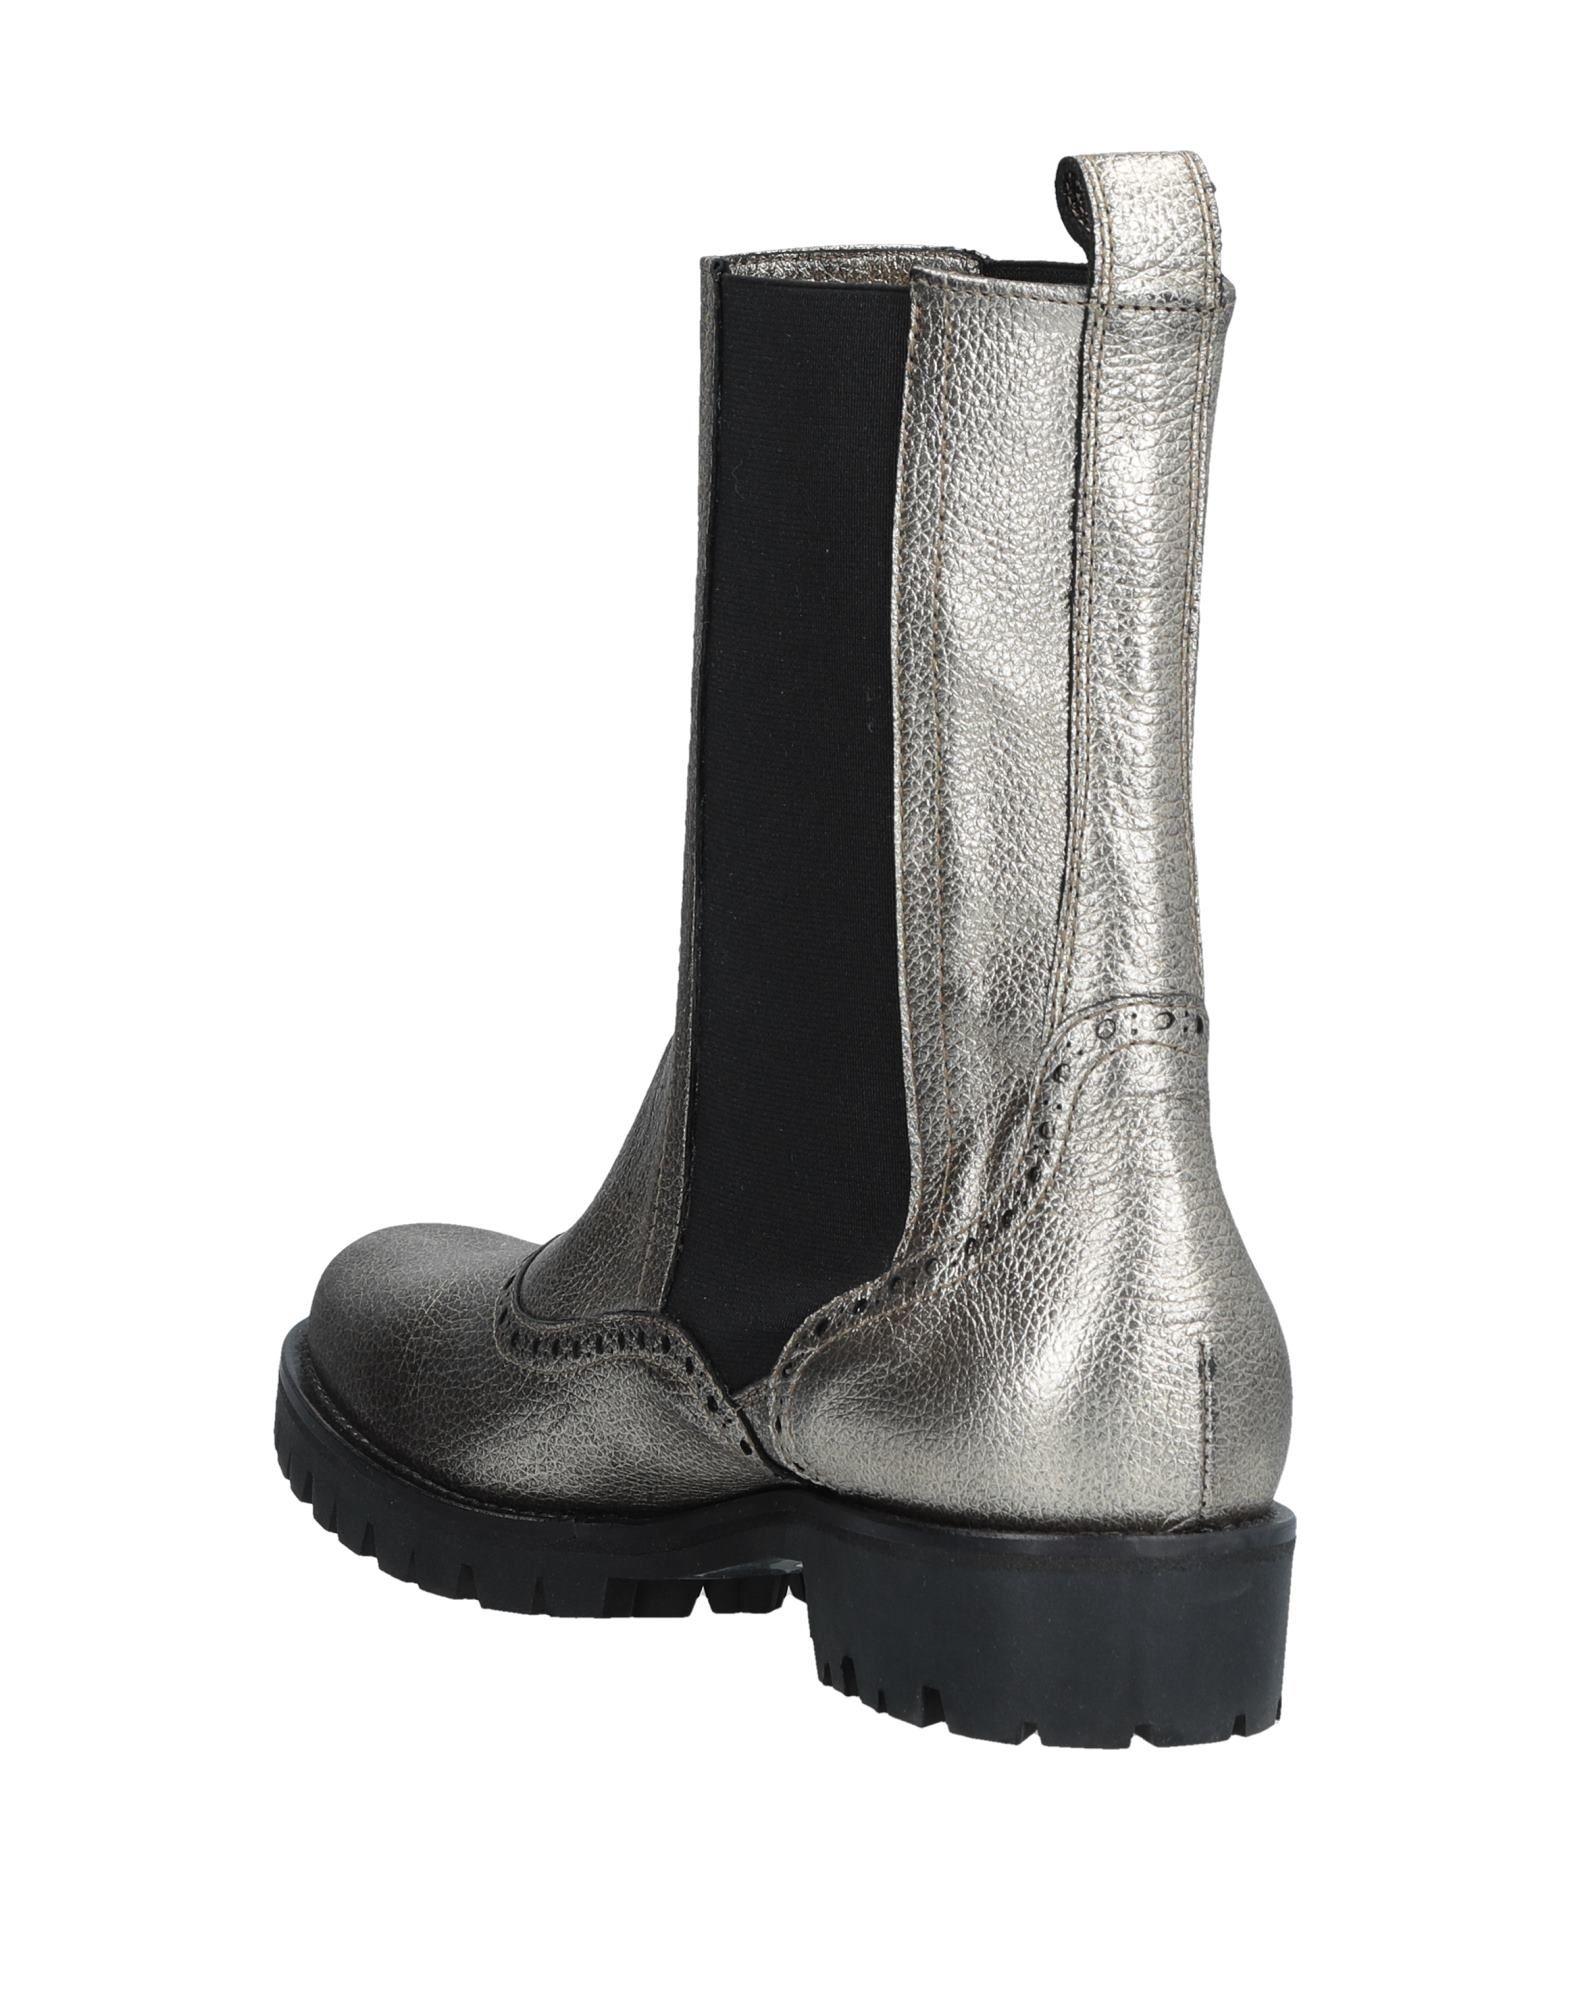 Peter Flowers Chelsea Boots Damen sich,Sonderangebot-4129 Gutes Preis-Leistungs-Verhältnis, es lohnt sich,Sonderangebot-4129 Damen 6a3433